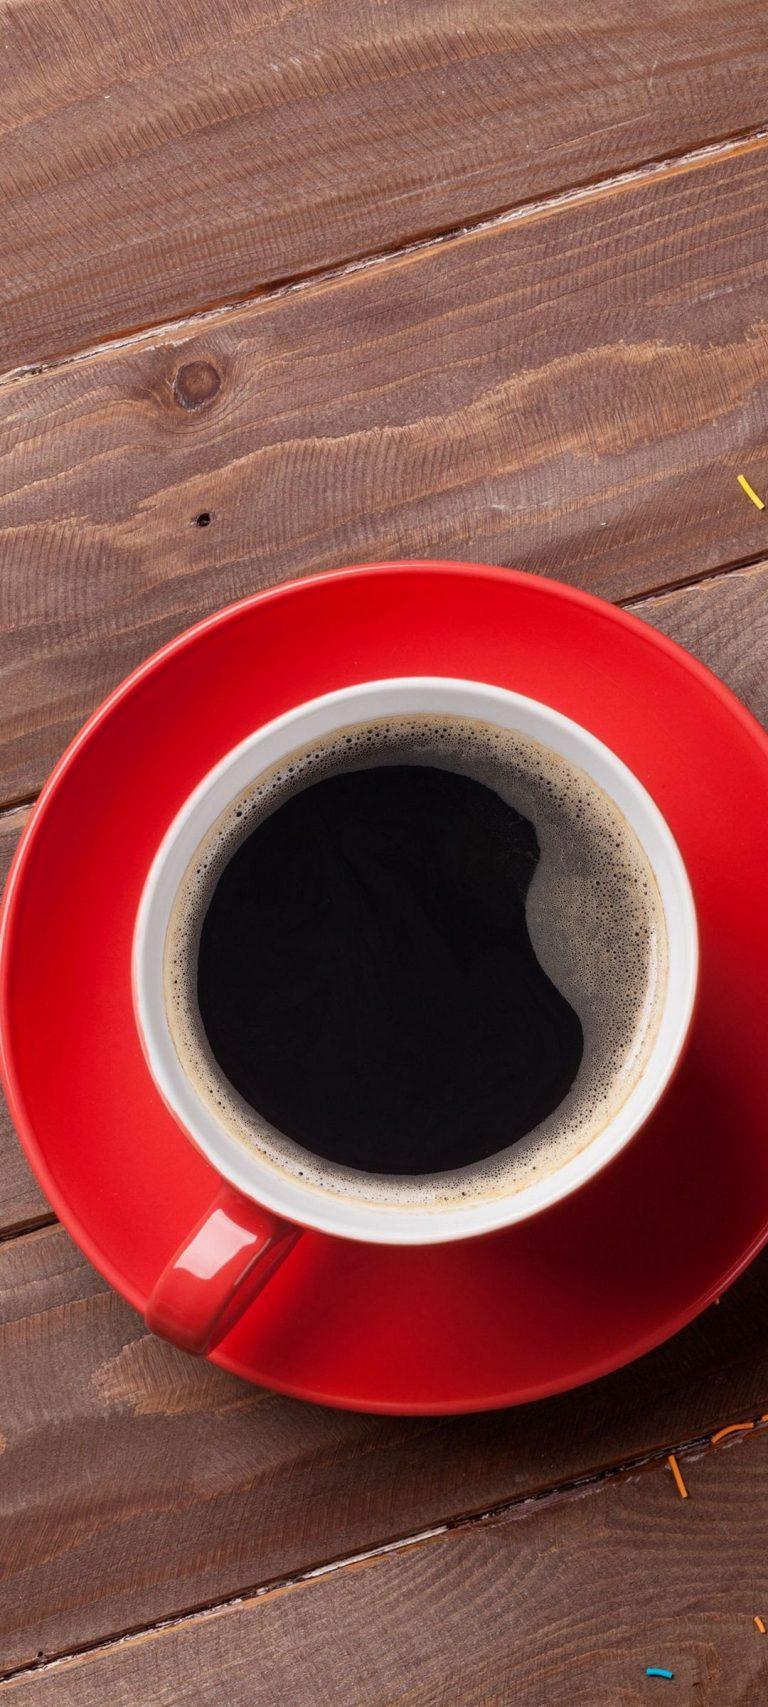 Cup Dark Coffee 1080x2400 768x1707